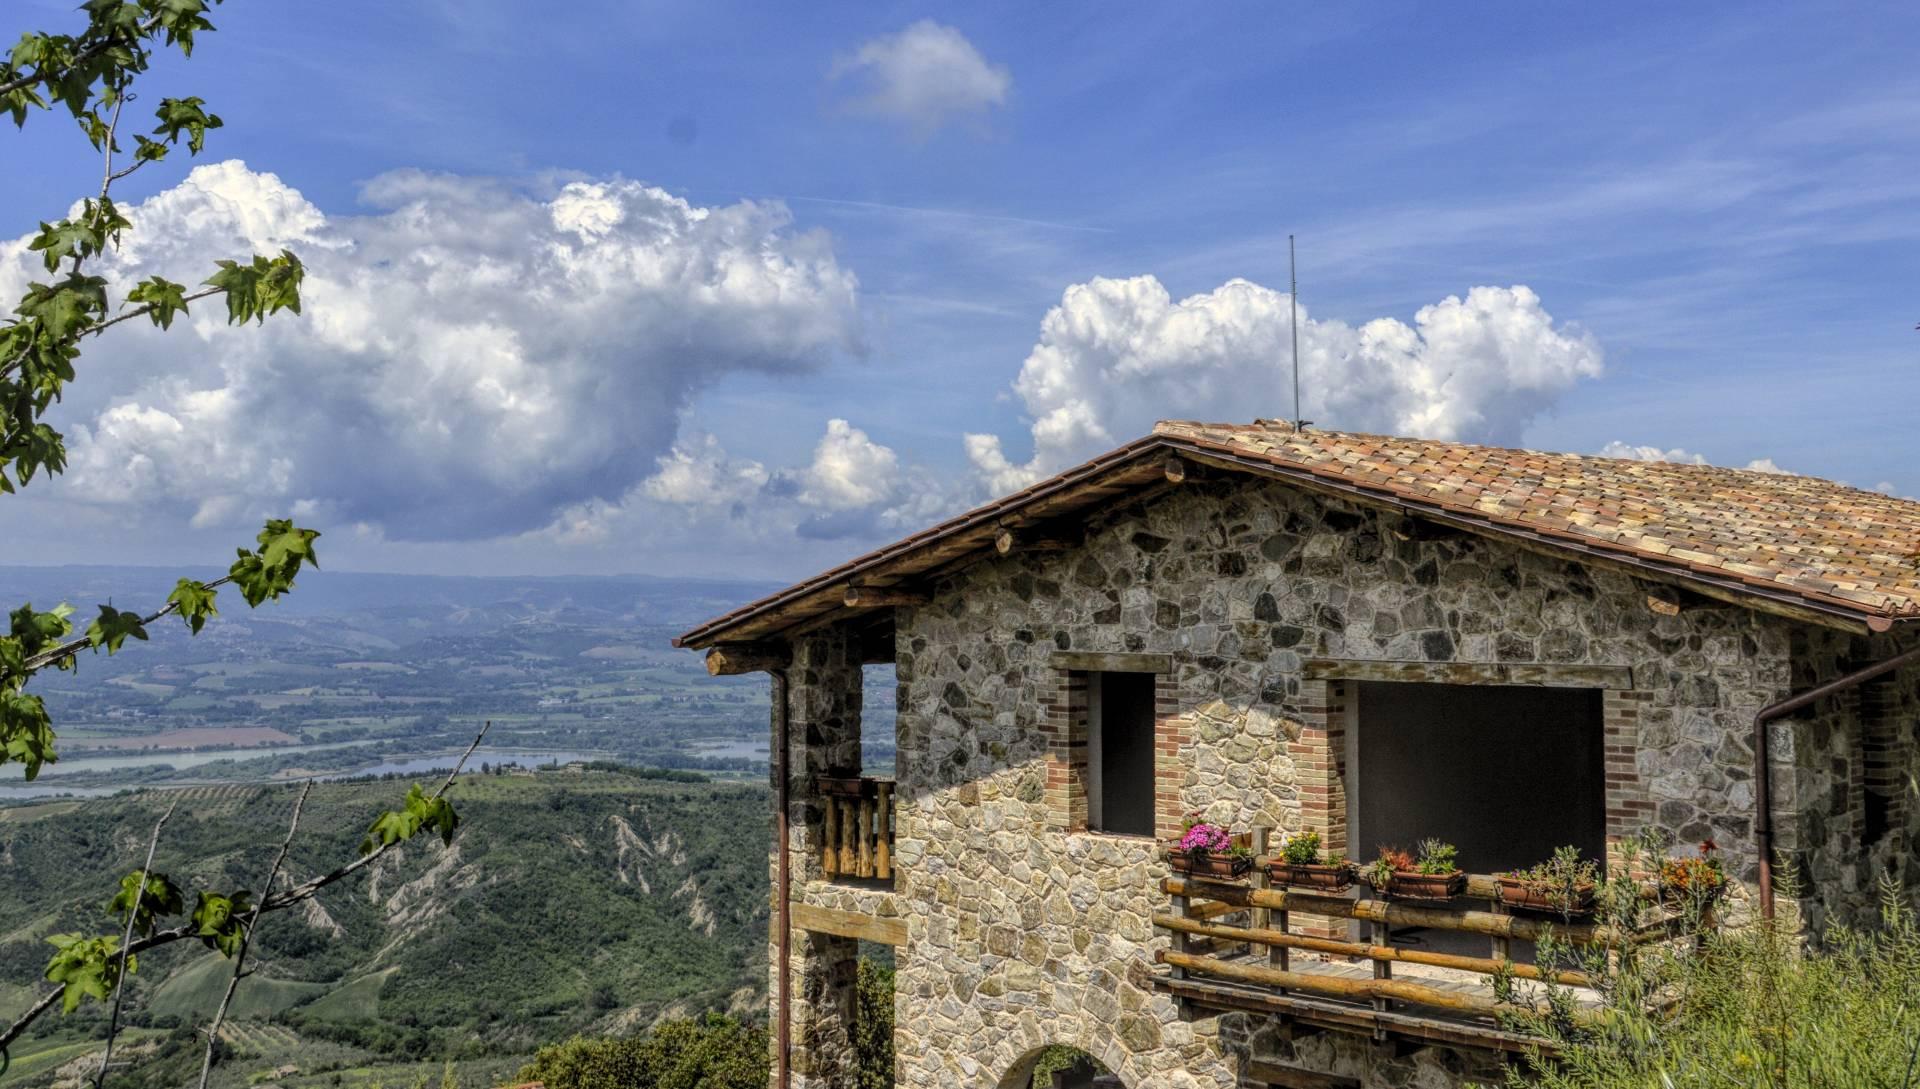 Rustico / Casale in vendita a Orvieto, 5 locali, prezzo € 285.000 | CambioCasa.it